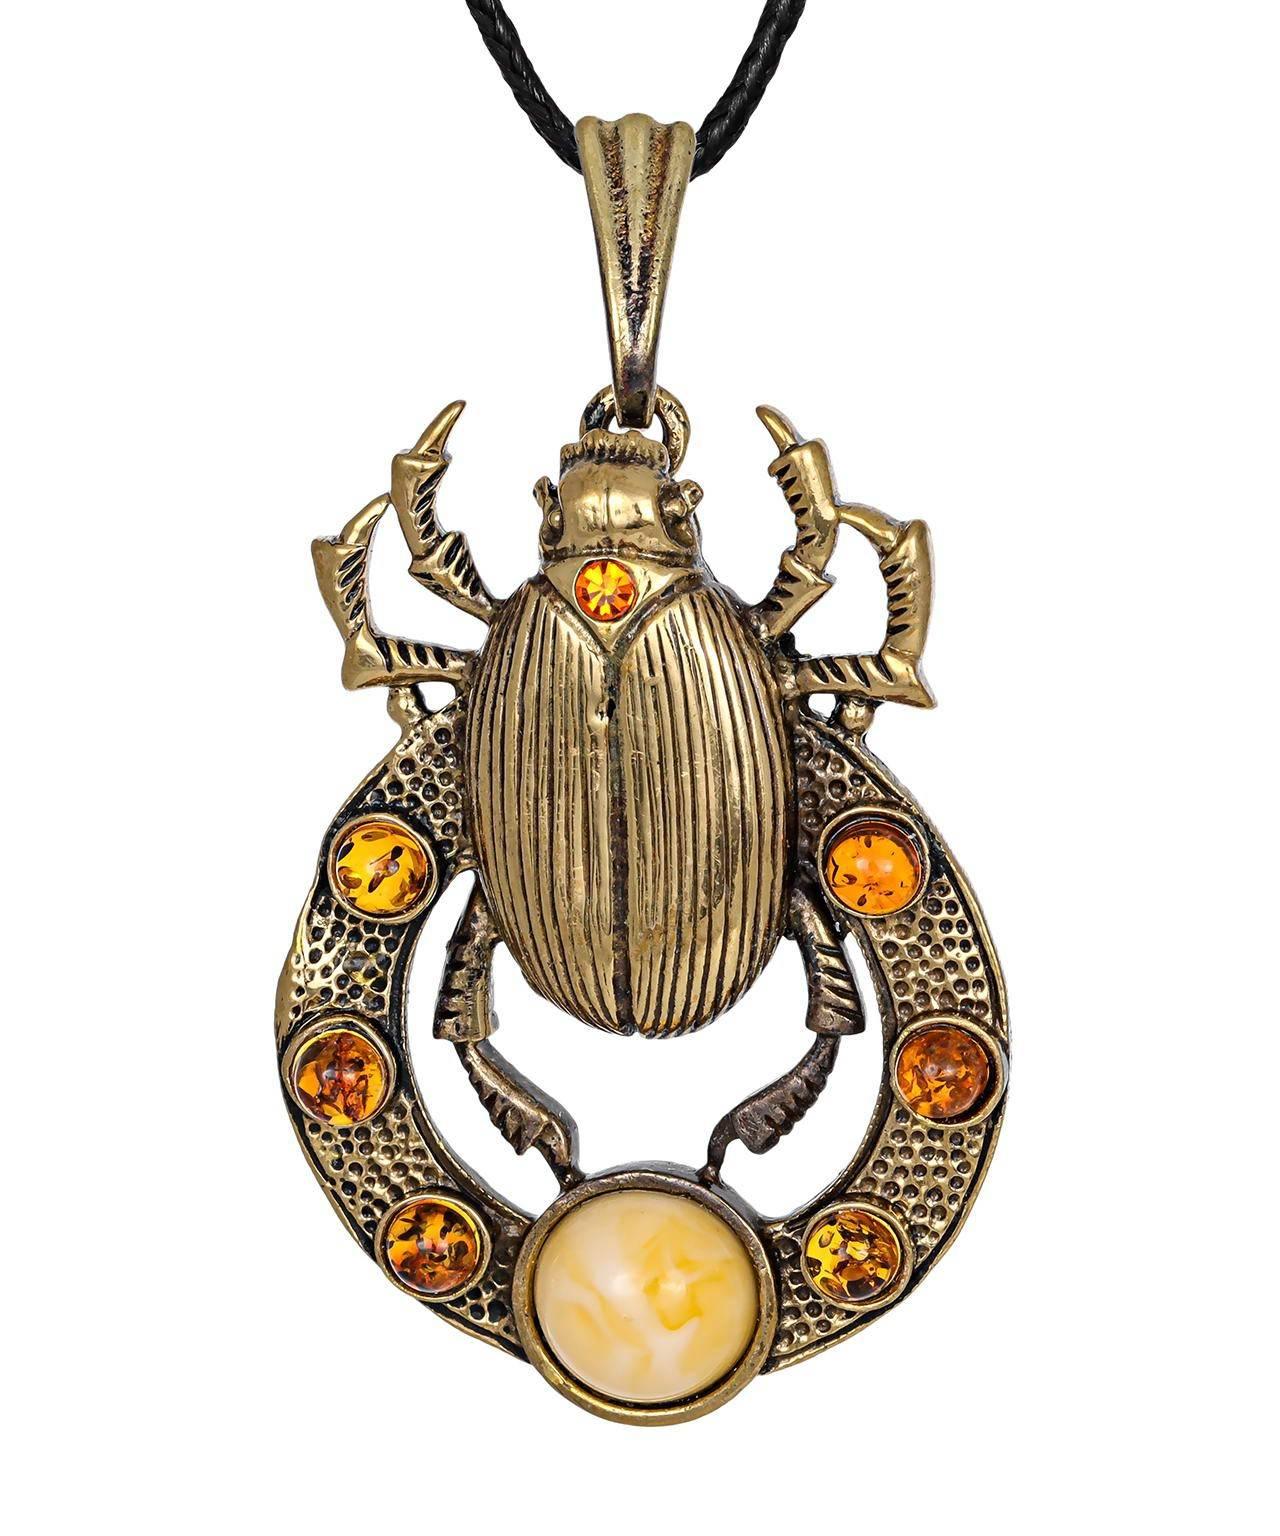 Значение египетского талисмана жук скарабей